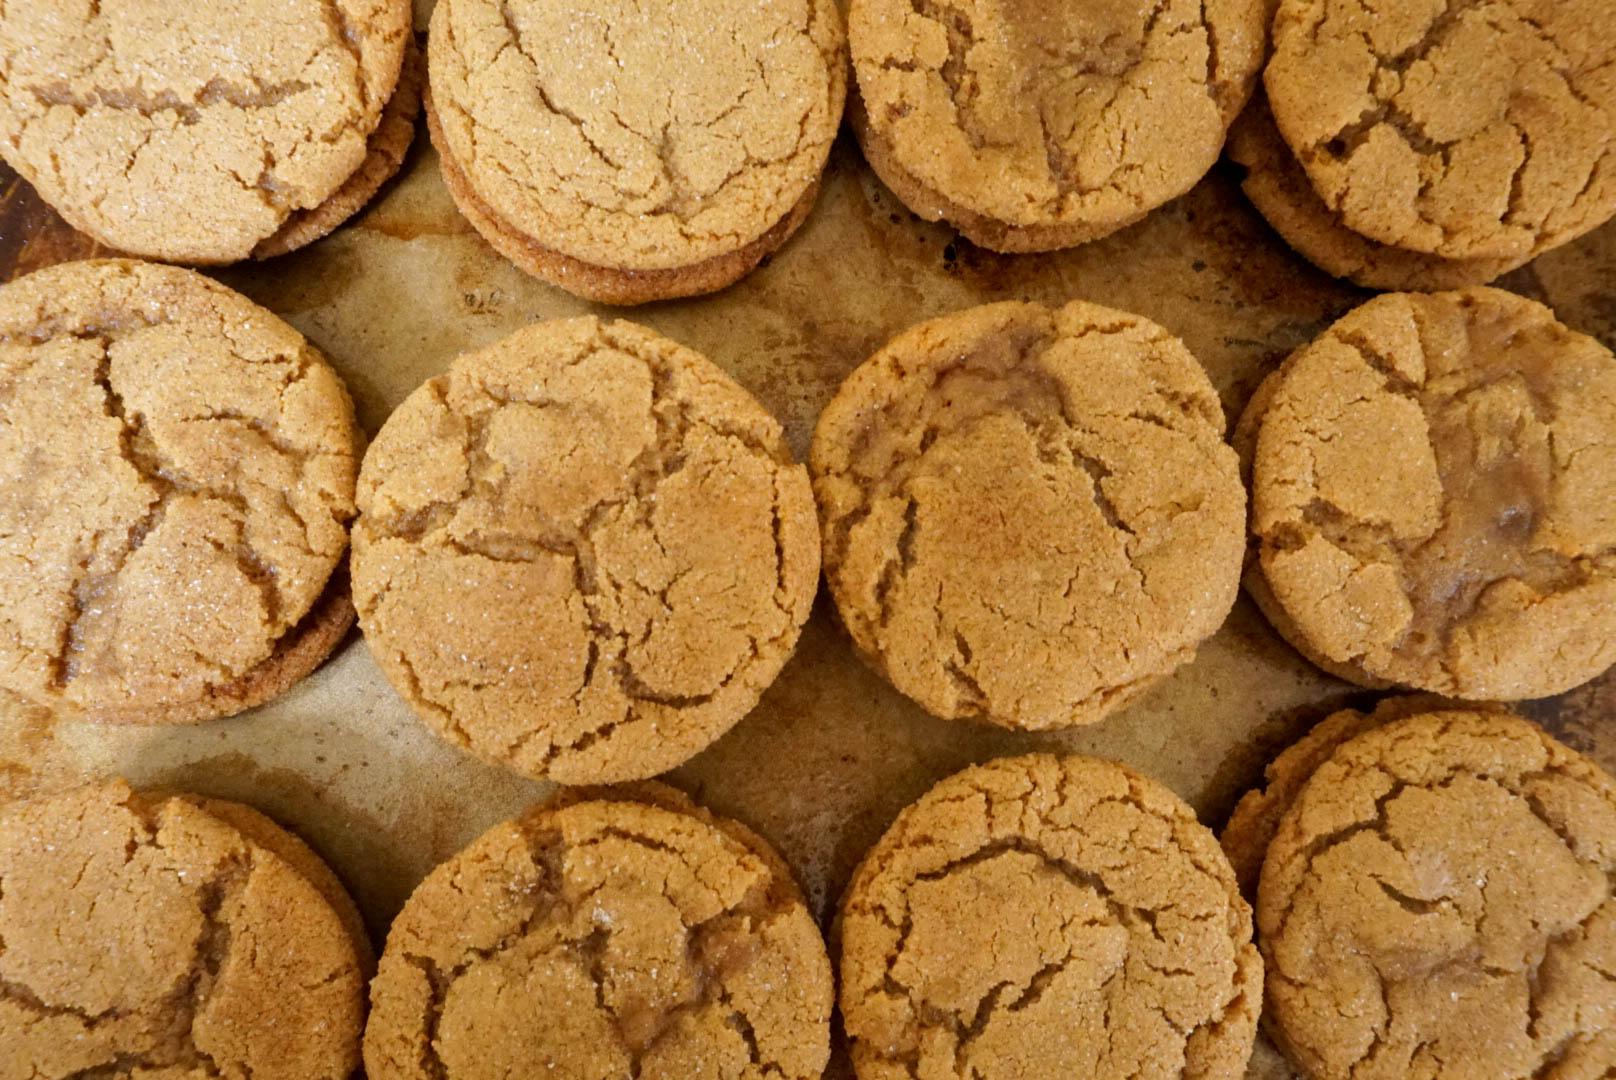 c/o Drunken Cookies